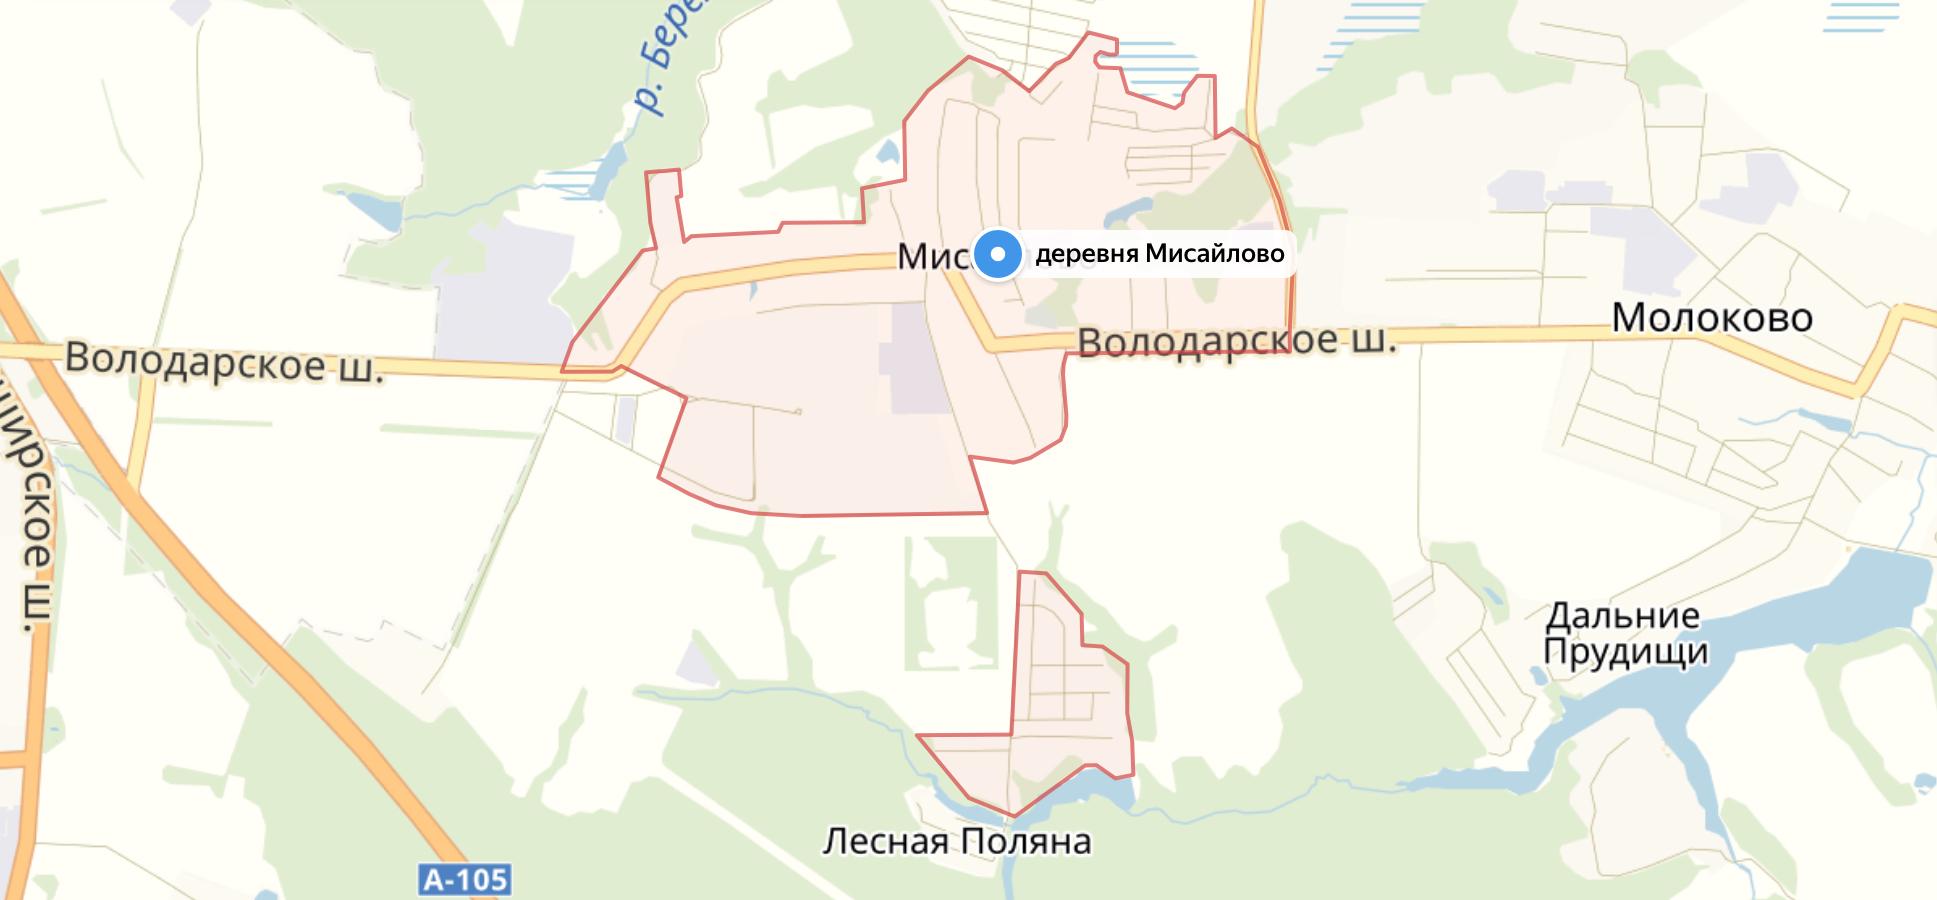 Подключить интернет в Мисайлово (Ленинский район)